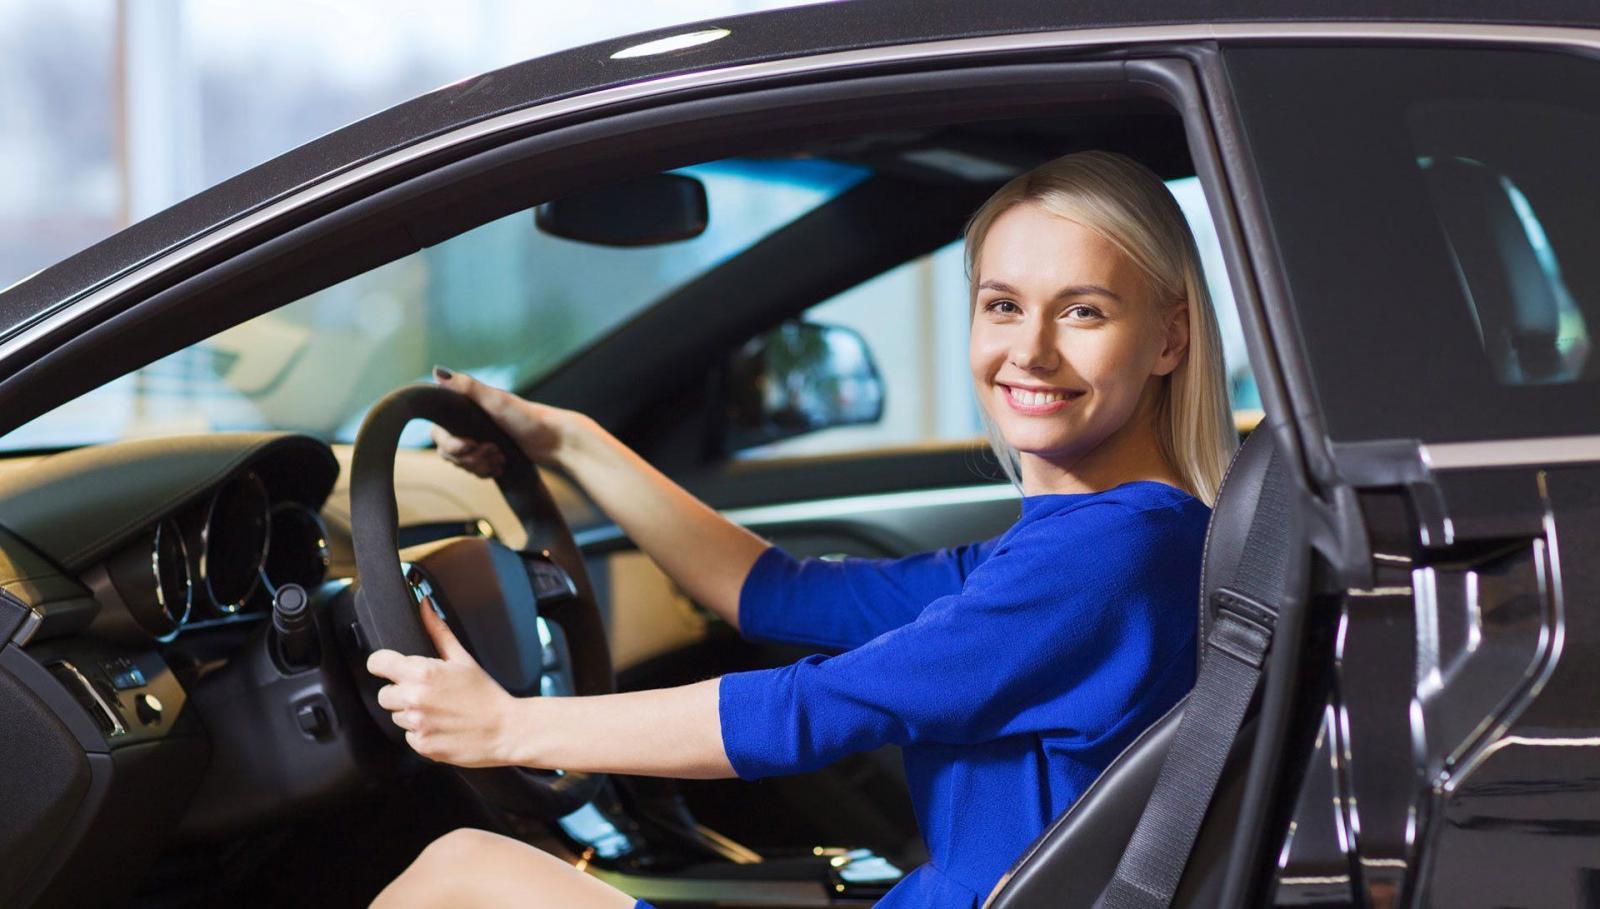 Postura correcta para sentarse en auto